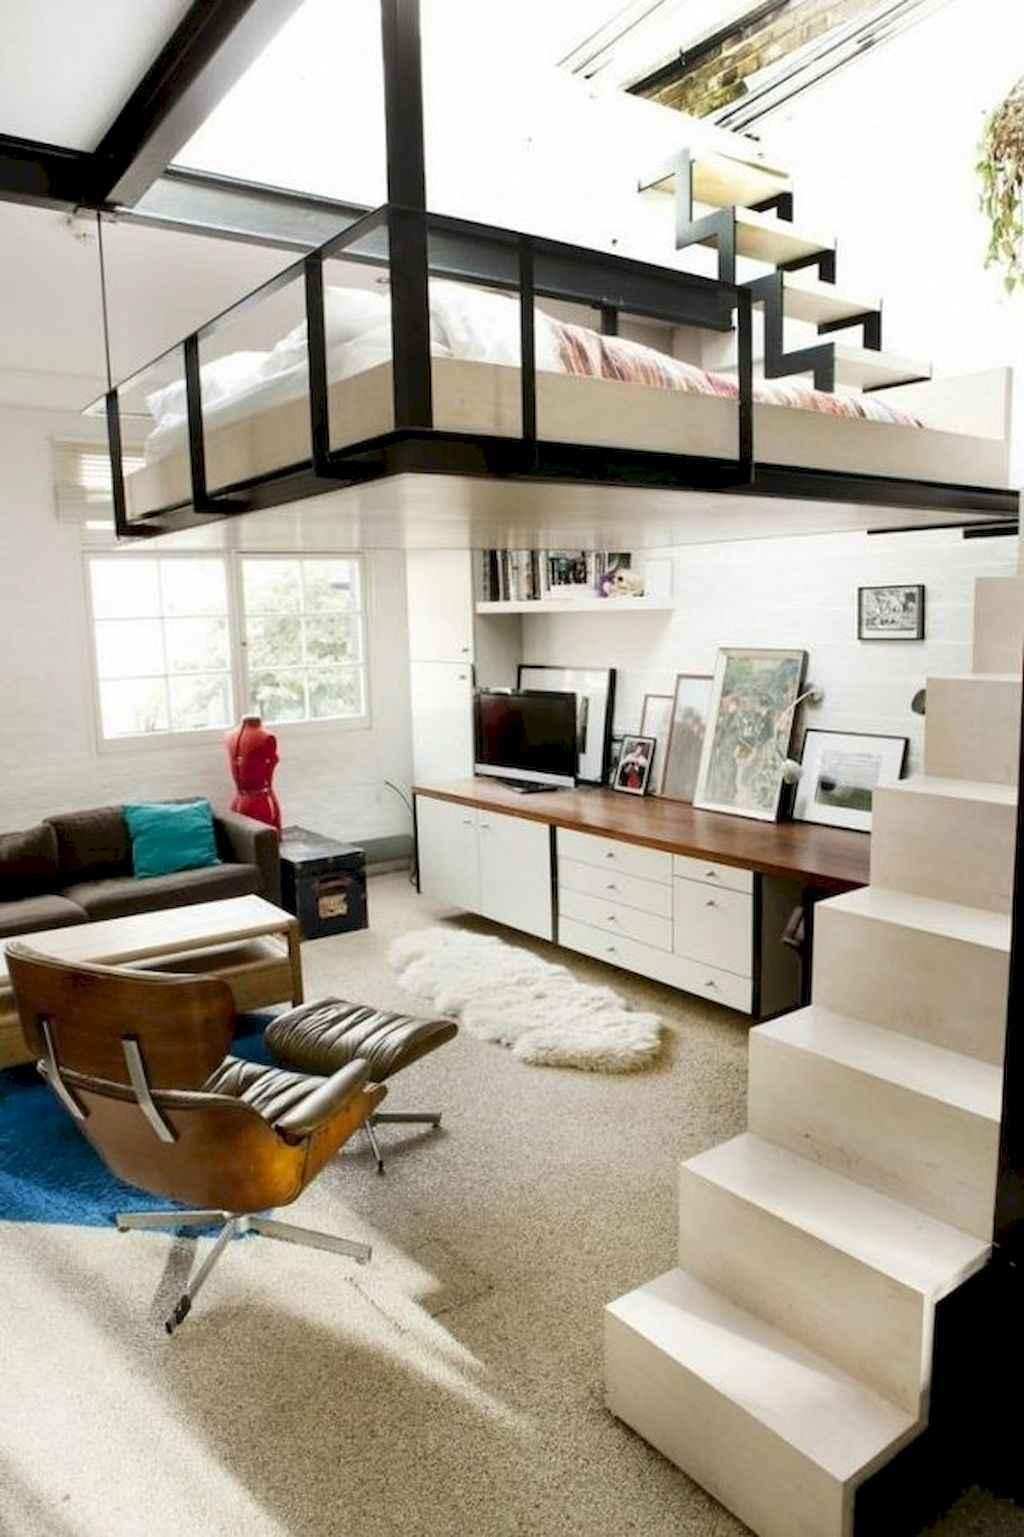 35 DIY Dorm Room Design Ideas on A Budget CoachDecorcom